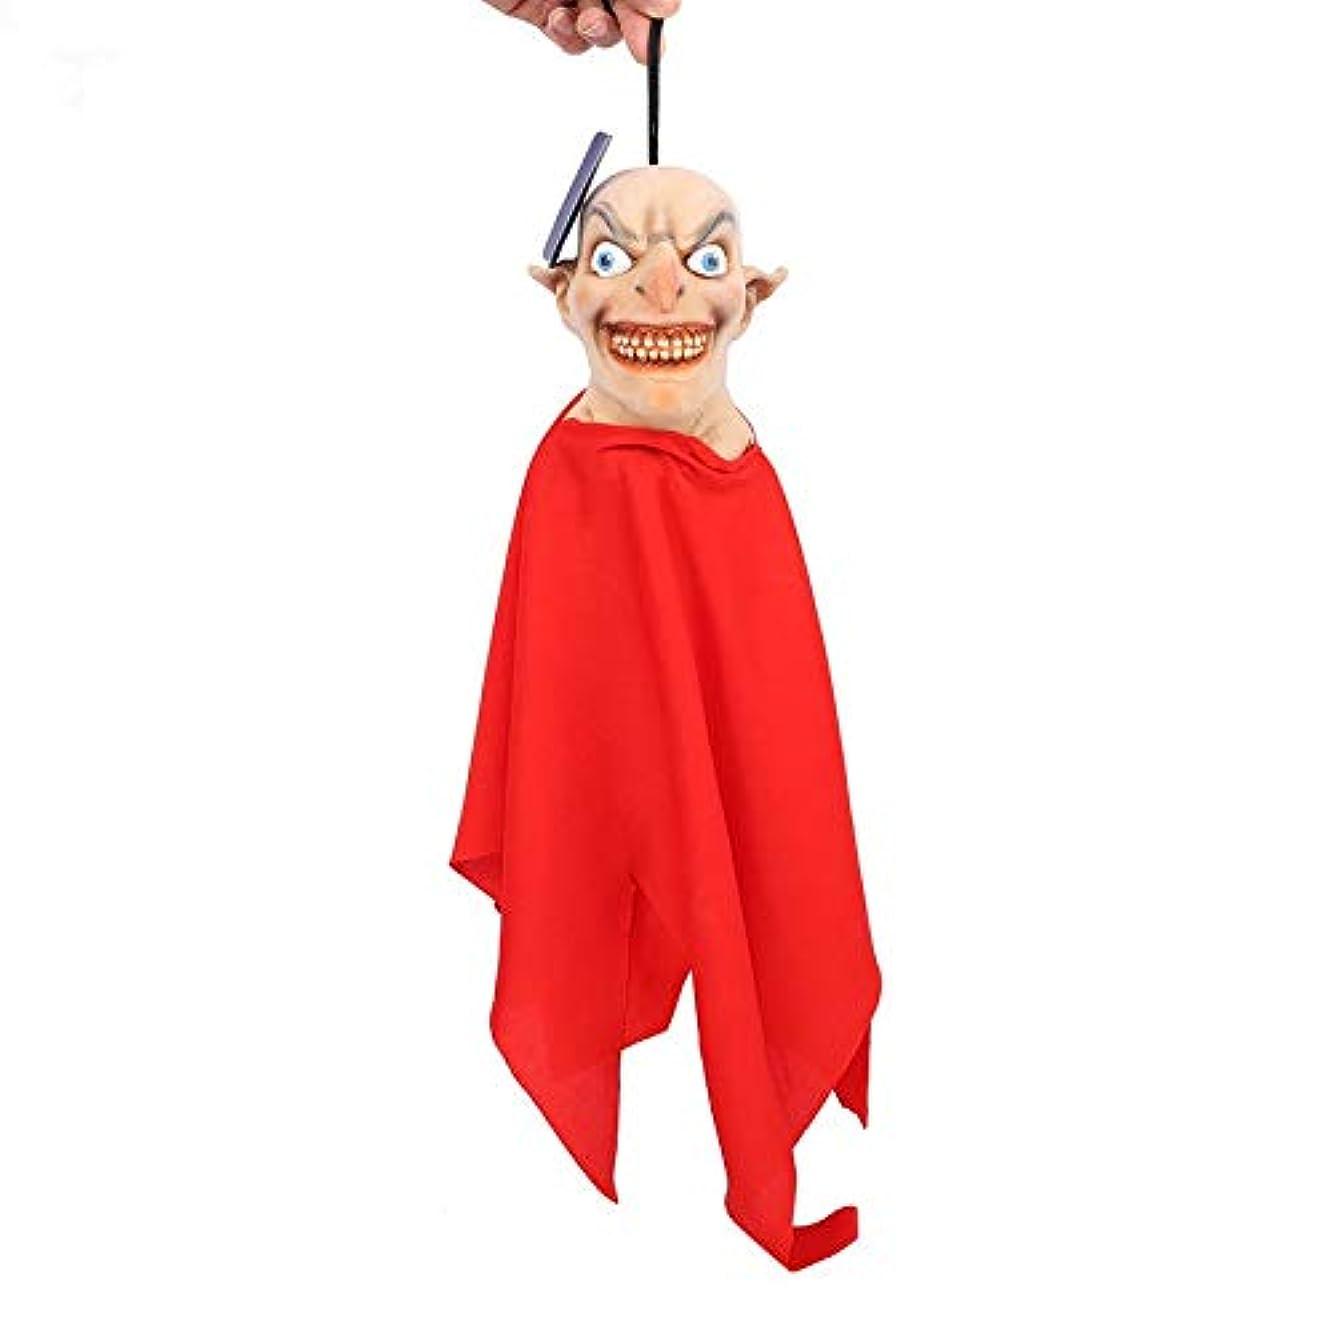 レベルバイパス麻痺ハロウィーンホラーの小道具お化け屋敷バー装飾なりすましホールスリラー小道具ハロウィーンスライ怖い装飾品-多色赤ゾンビ